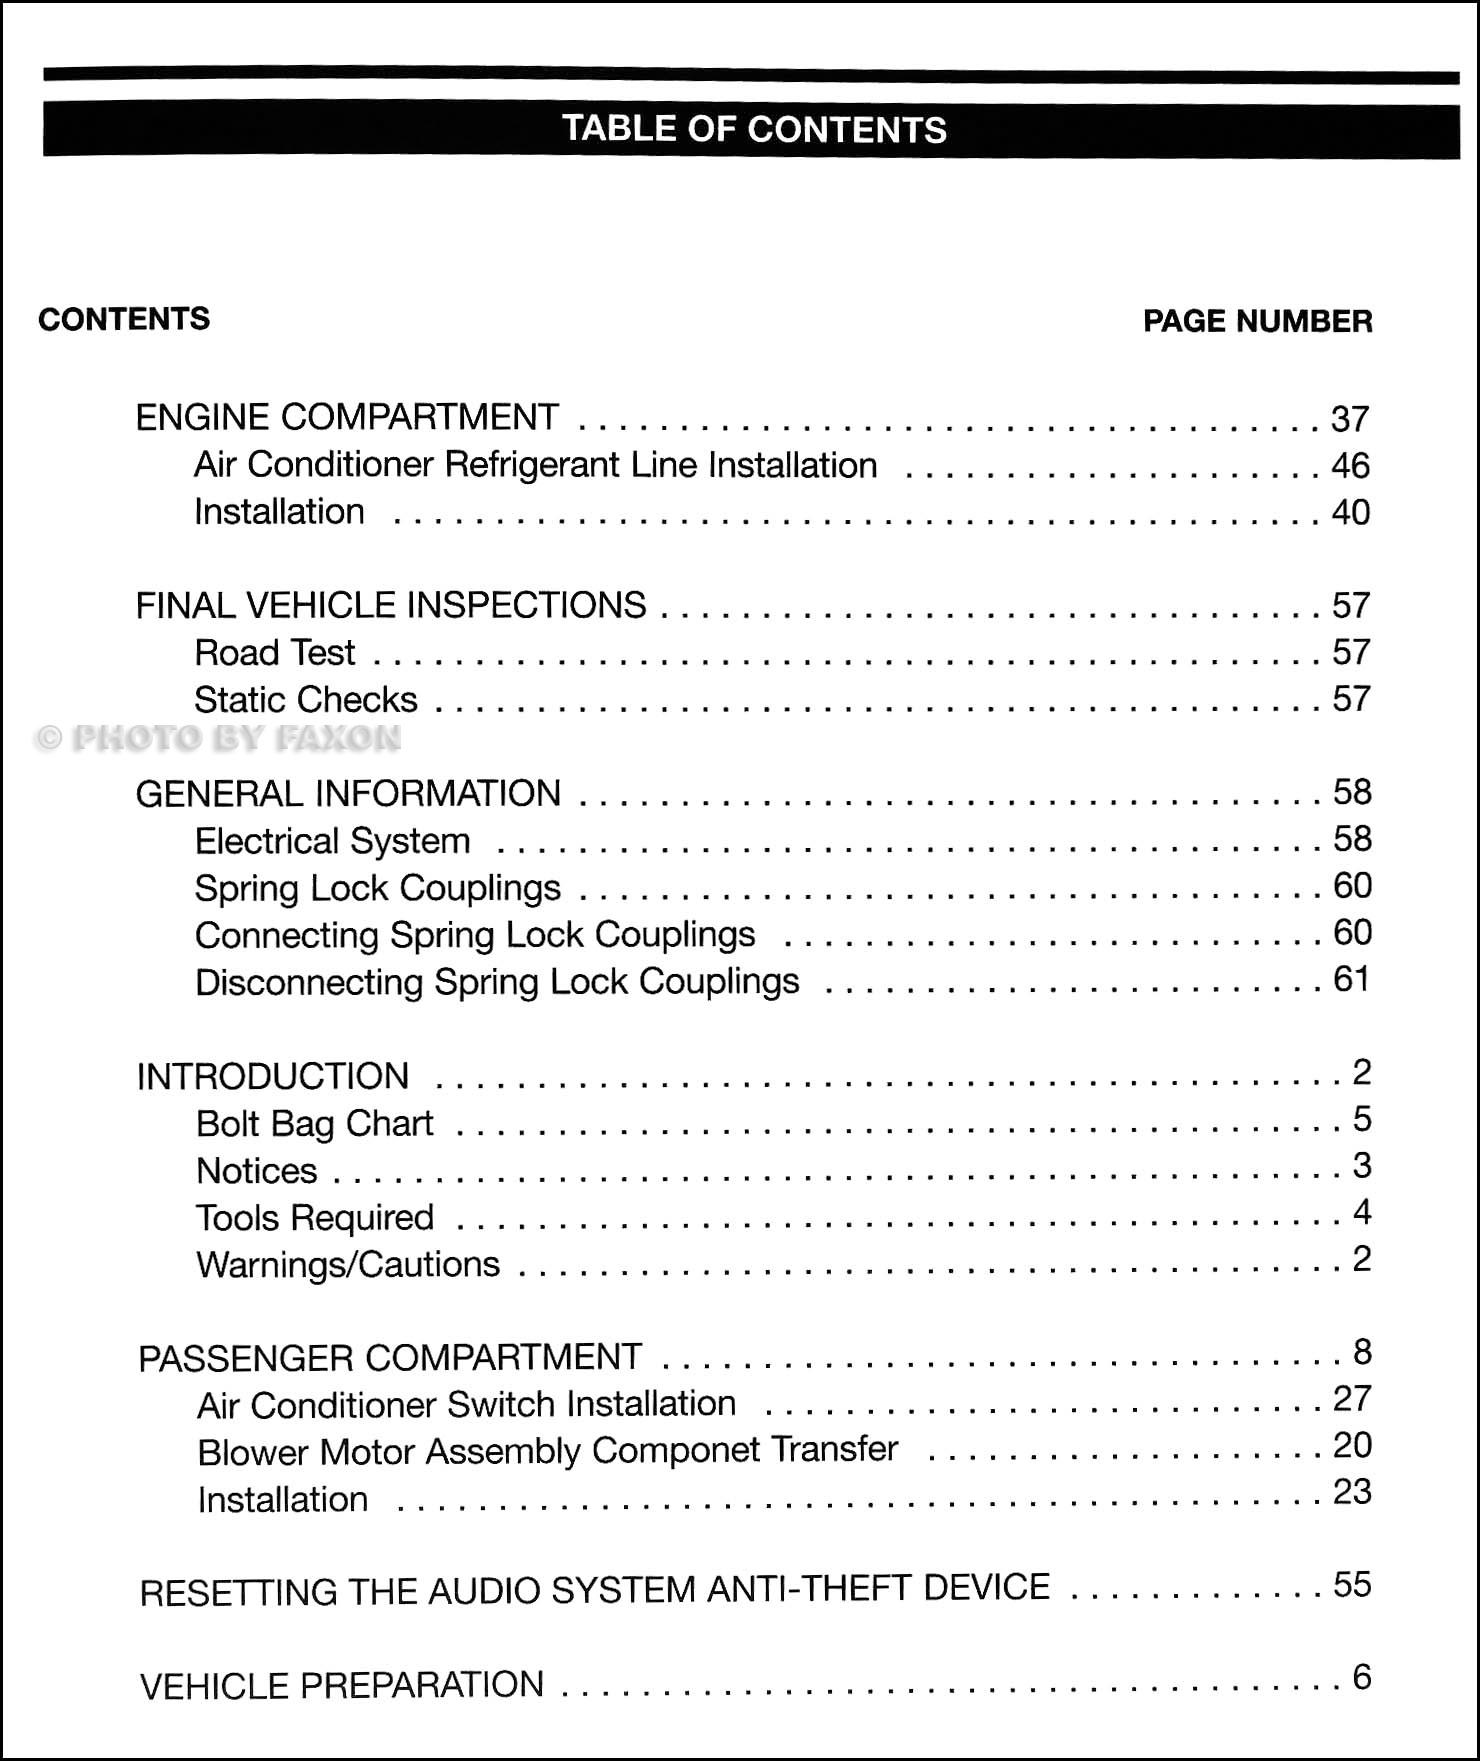 1997KiaSephiaACIM TOC 2002 kia sportage wiring diagram cat5 wiring diagram 1997 kia sportage wiring diagram at soozxer.org